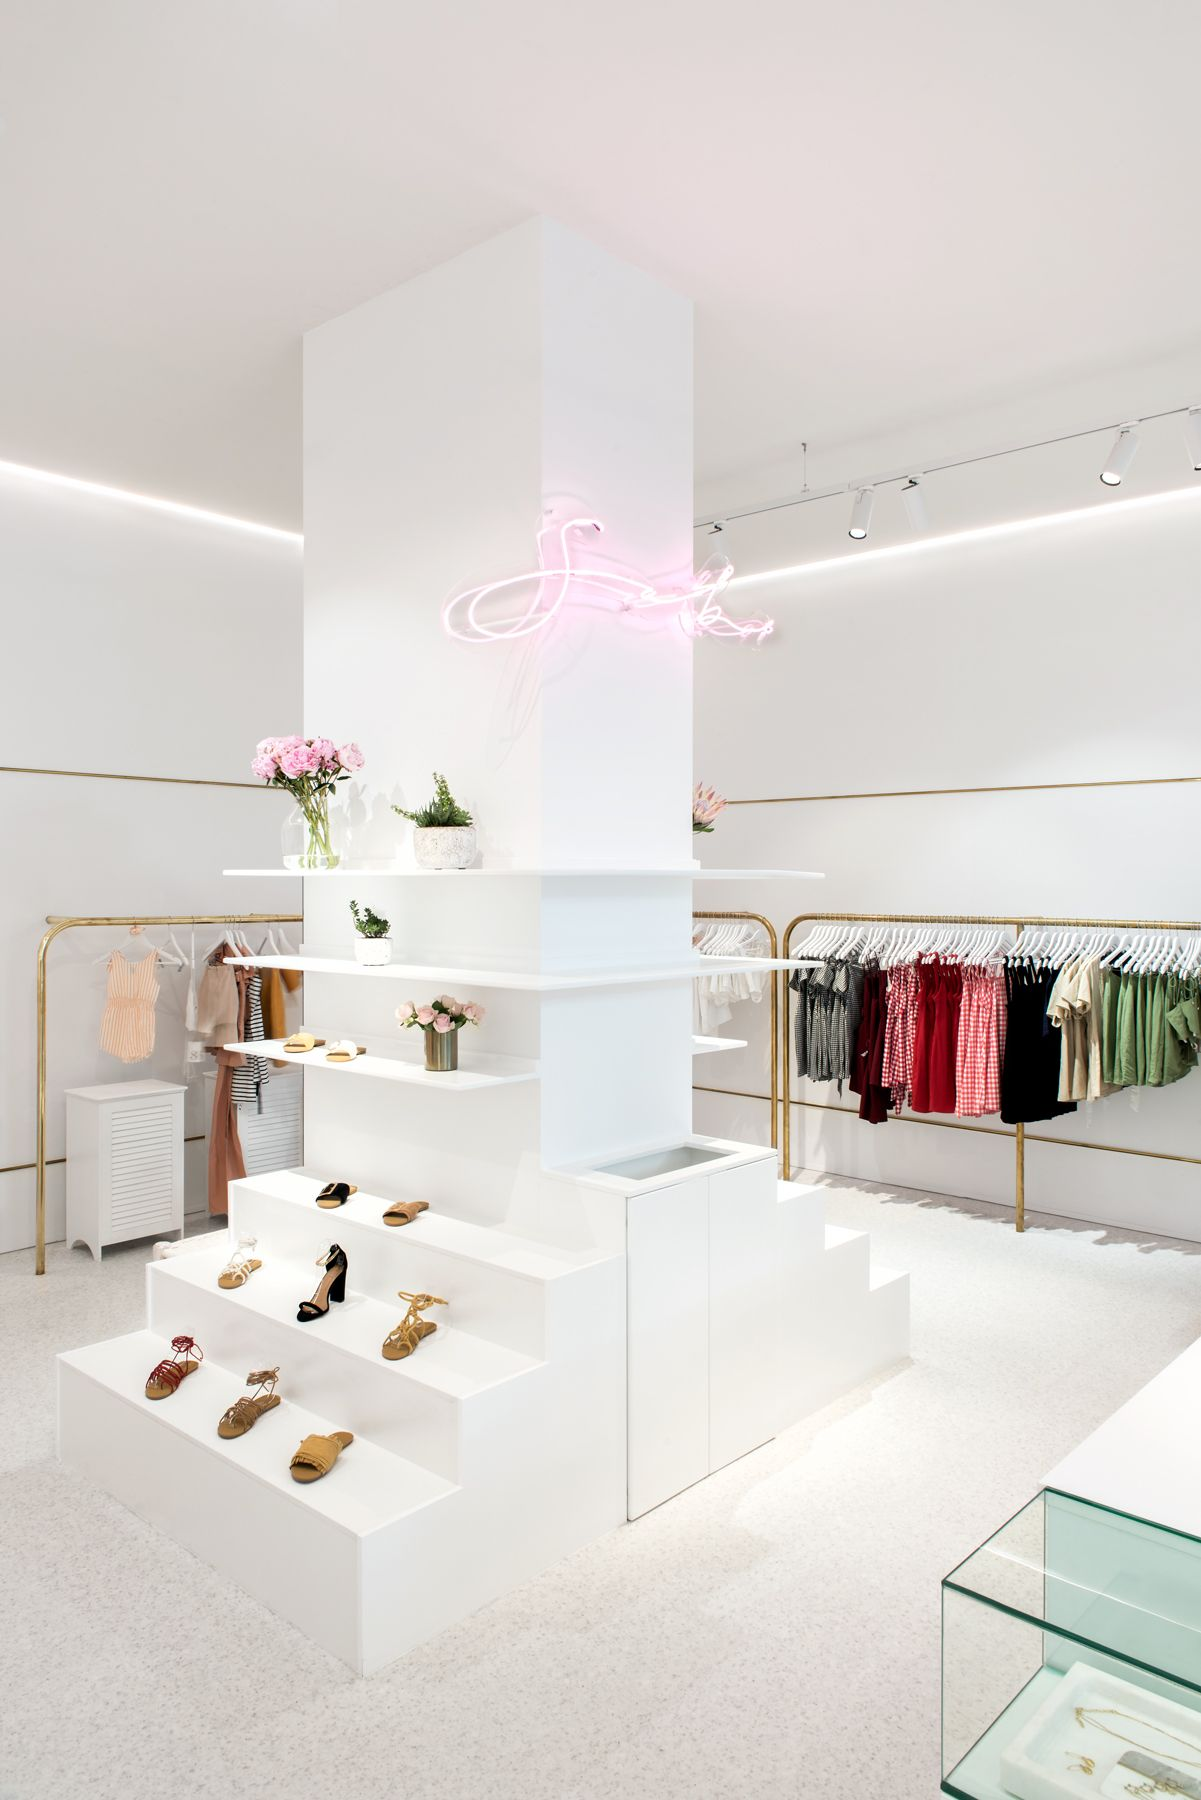 Sabo Skirt Retail Shop Westfield Chermside In Brisbane Australia Interior Design By Tara